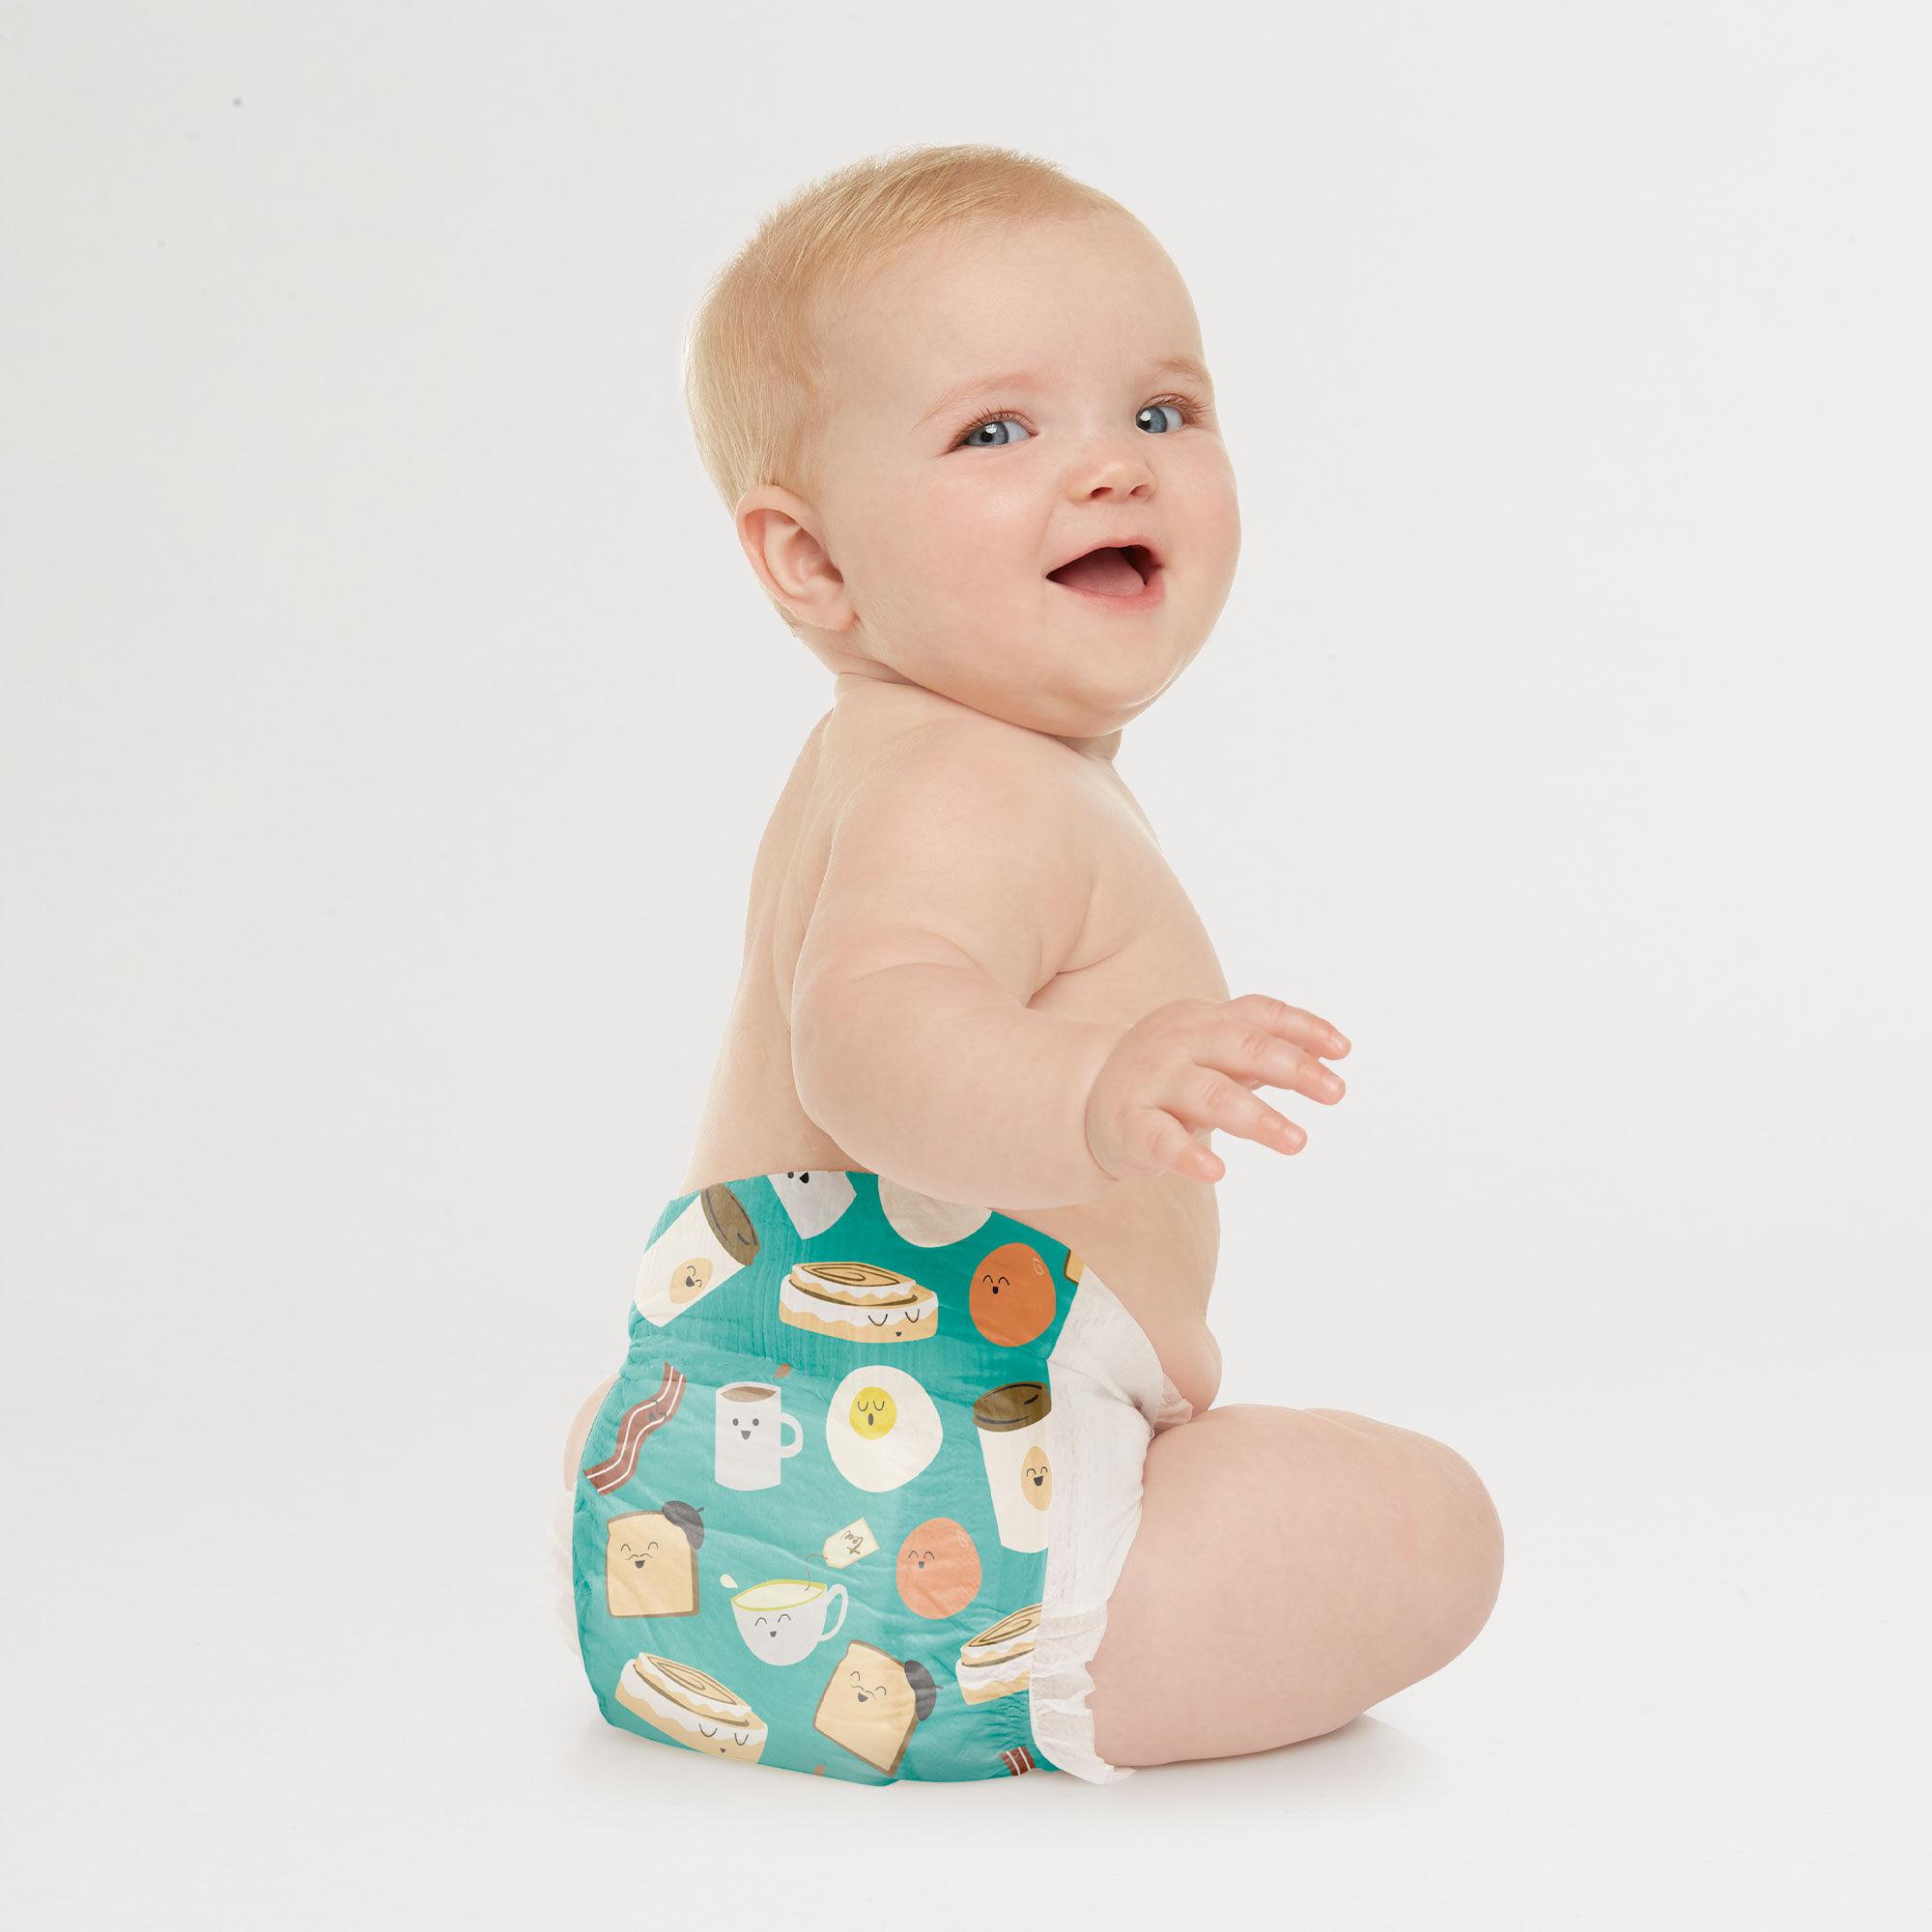 Honest Diaper on Baby in Breakfast Pattern